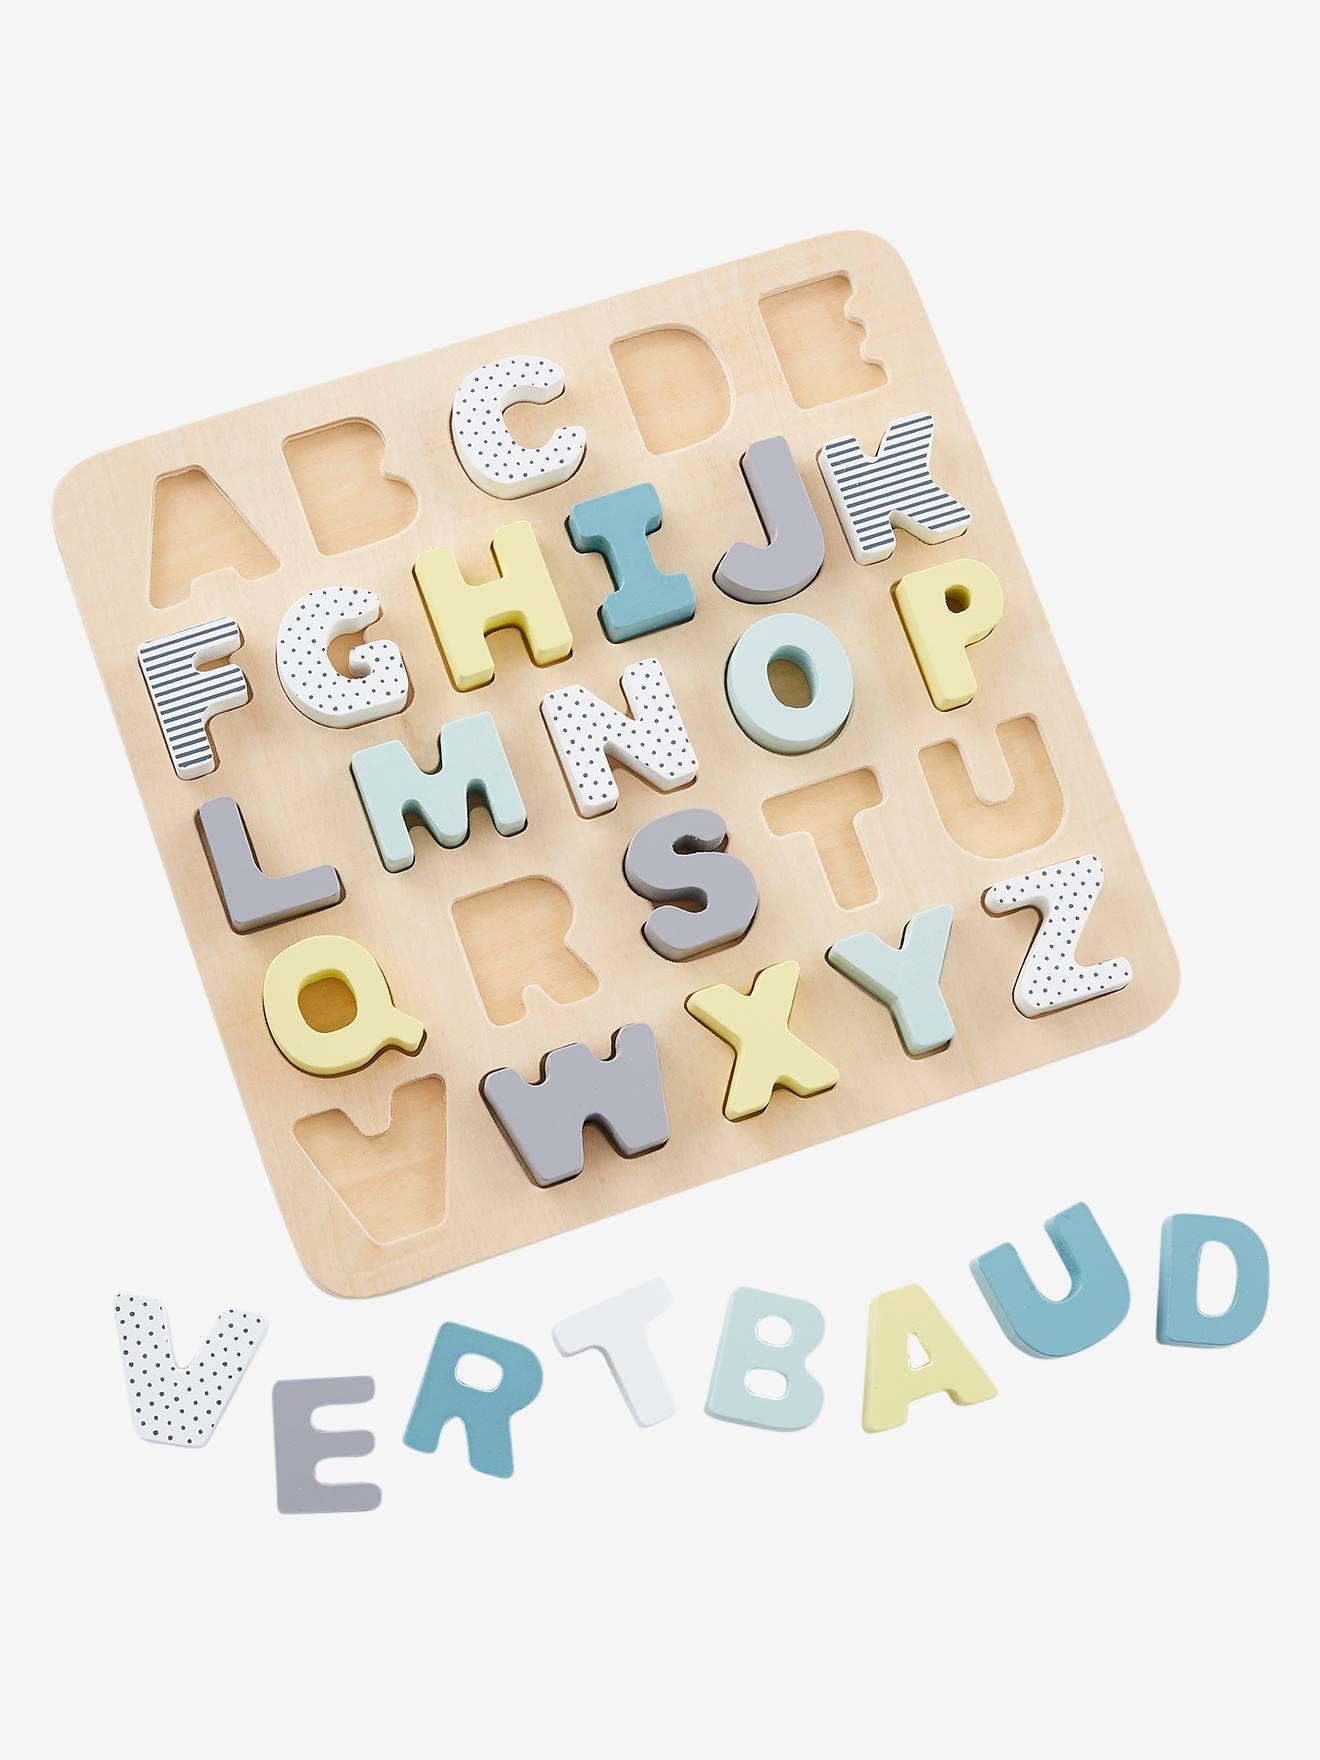 Buchstaben-Puzzle aus Holz für Kinder